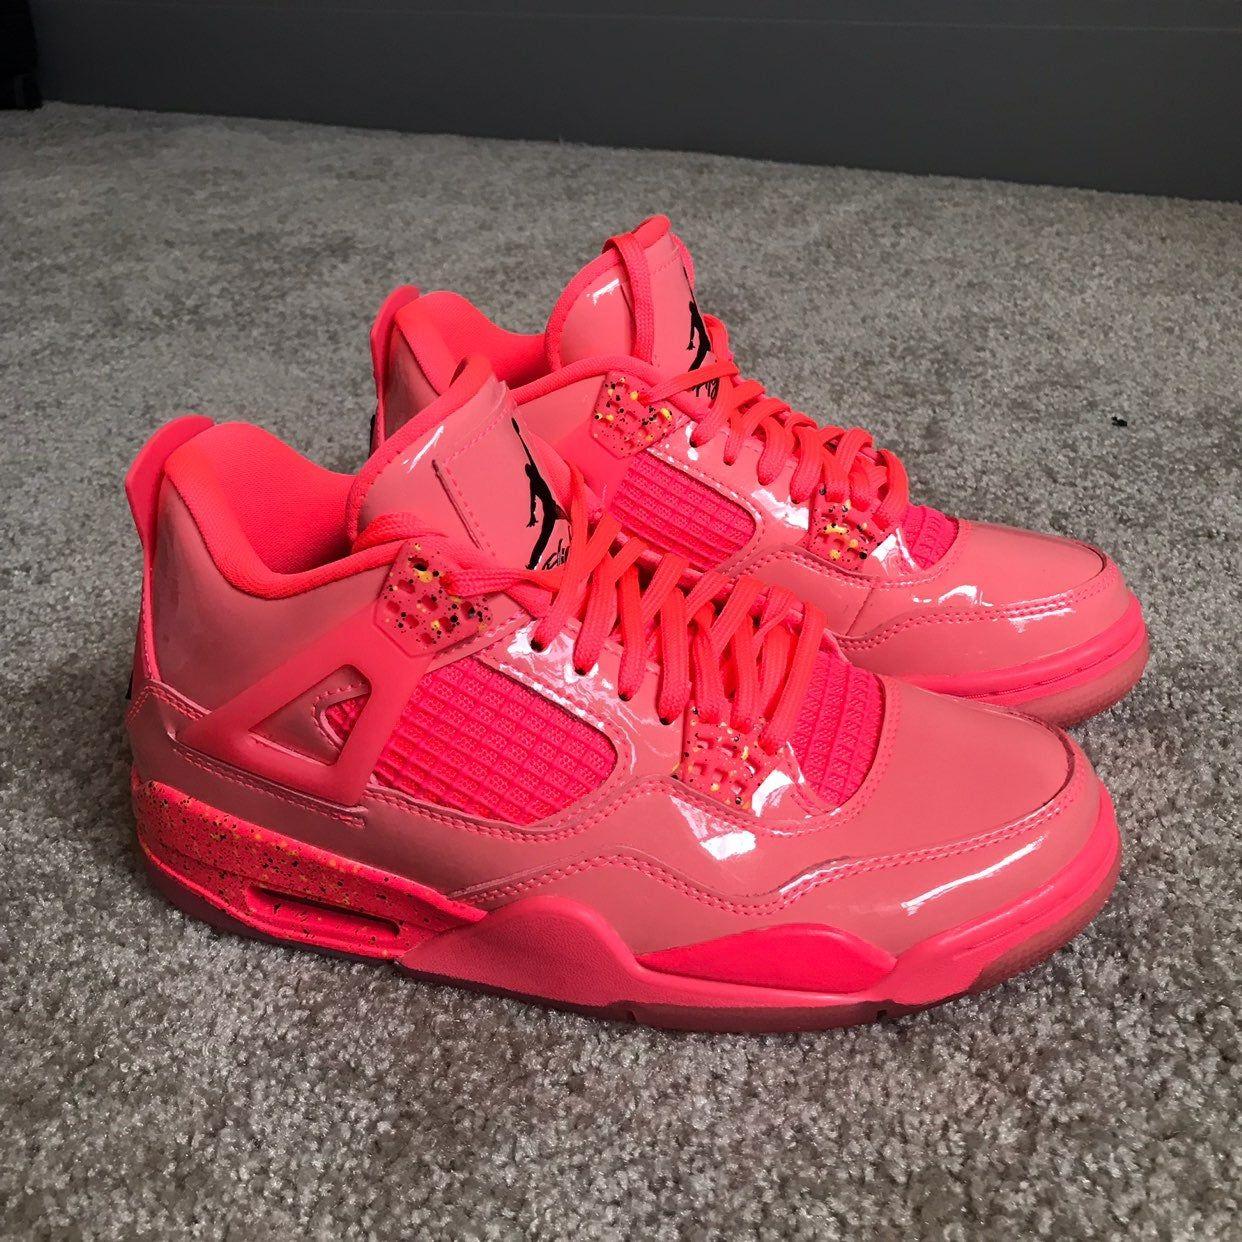 sneaker air Jordan. Lightl creasing